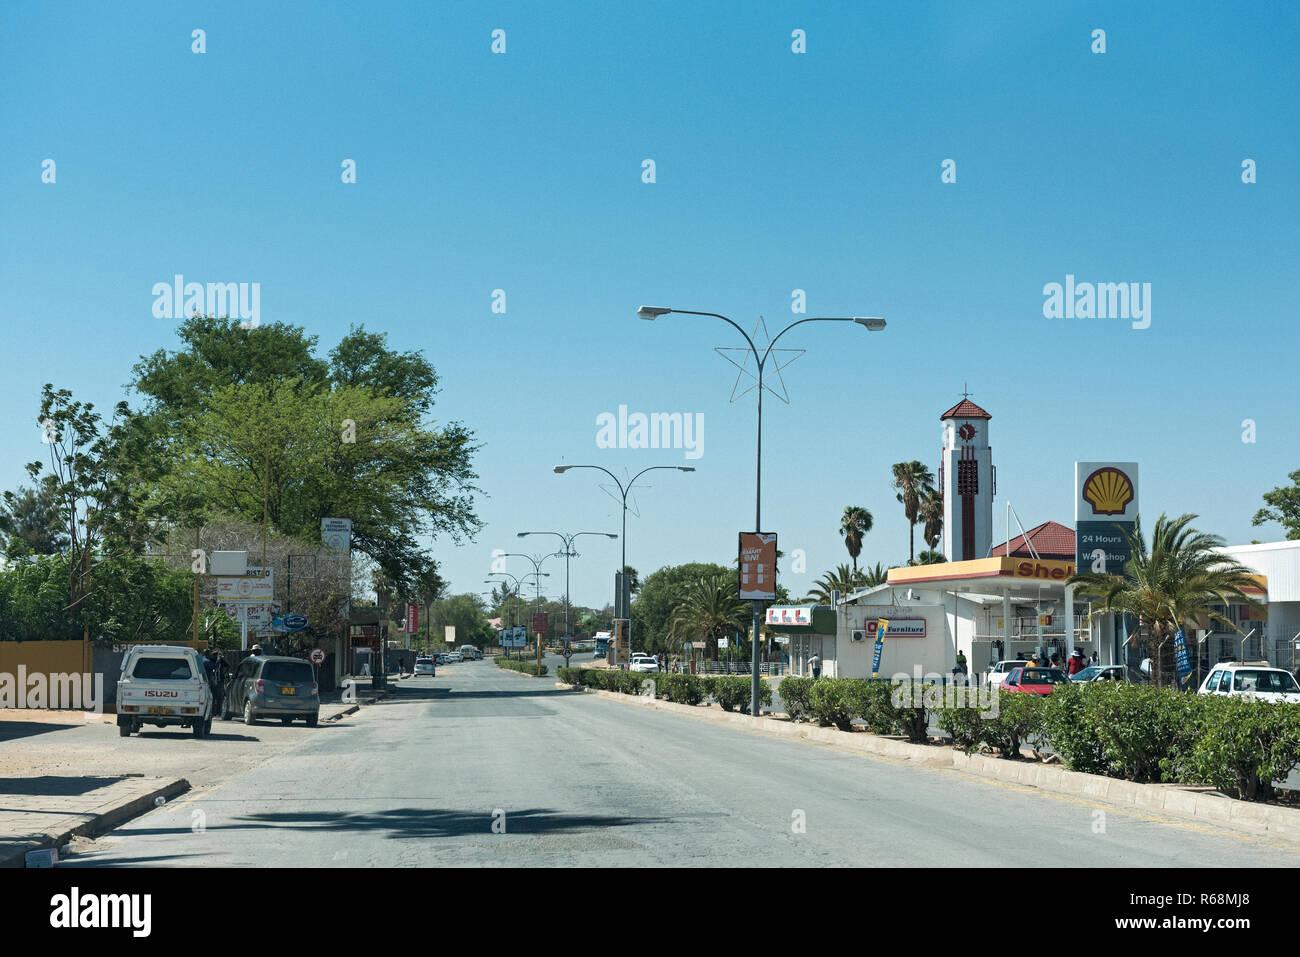 Rue principale de la ville de gobabis dans l'est de la namibie Photo Stock